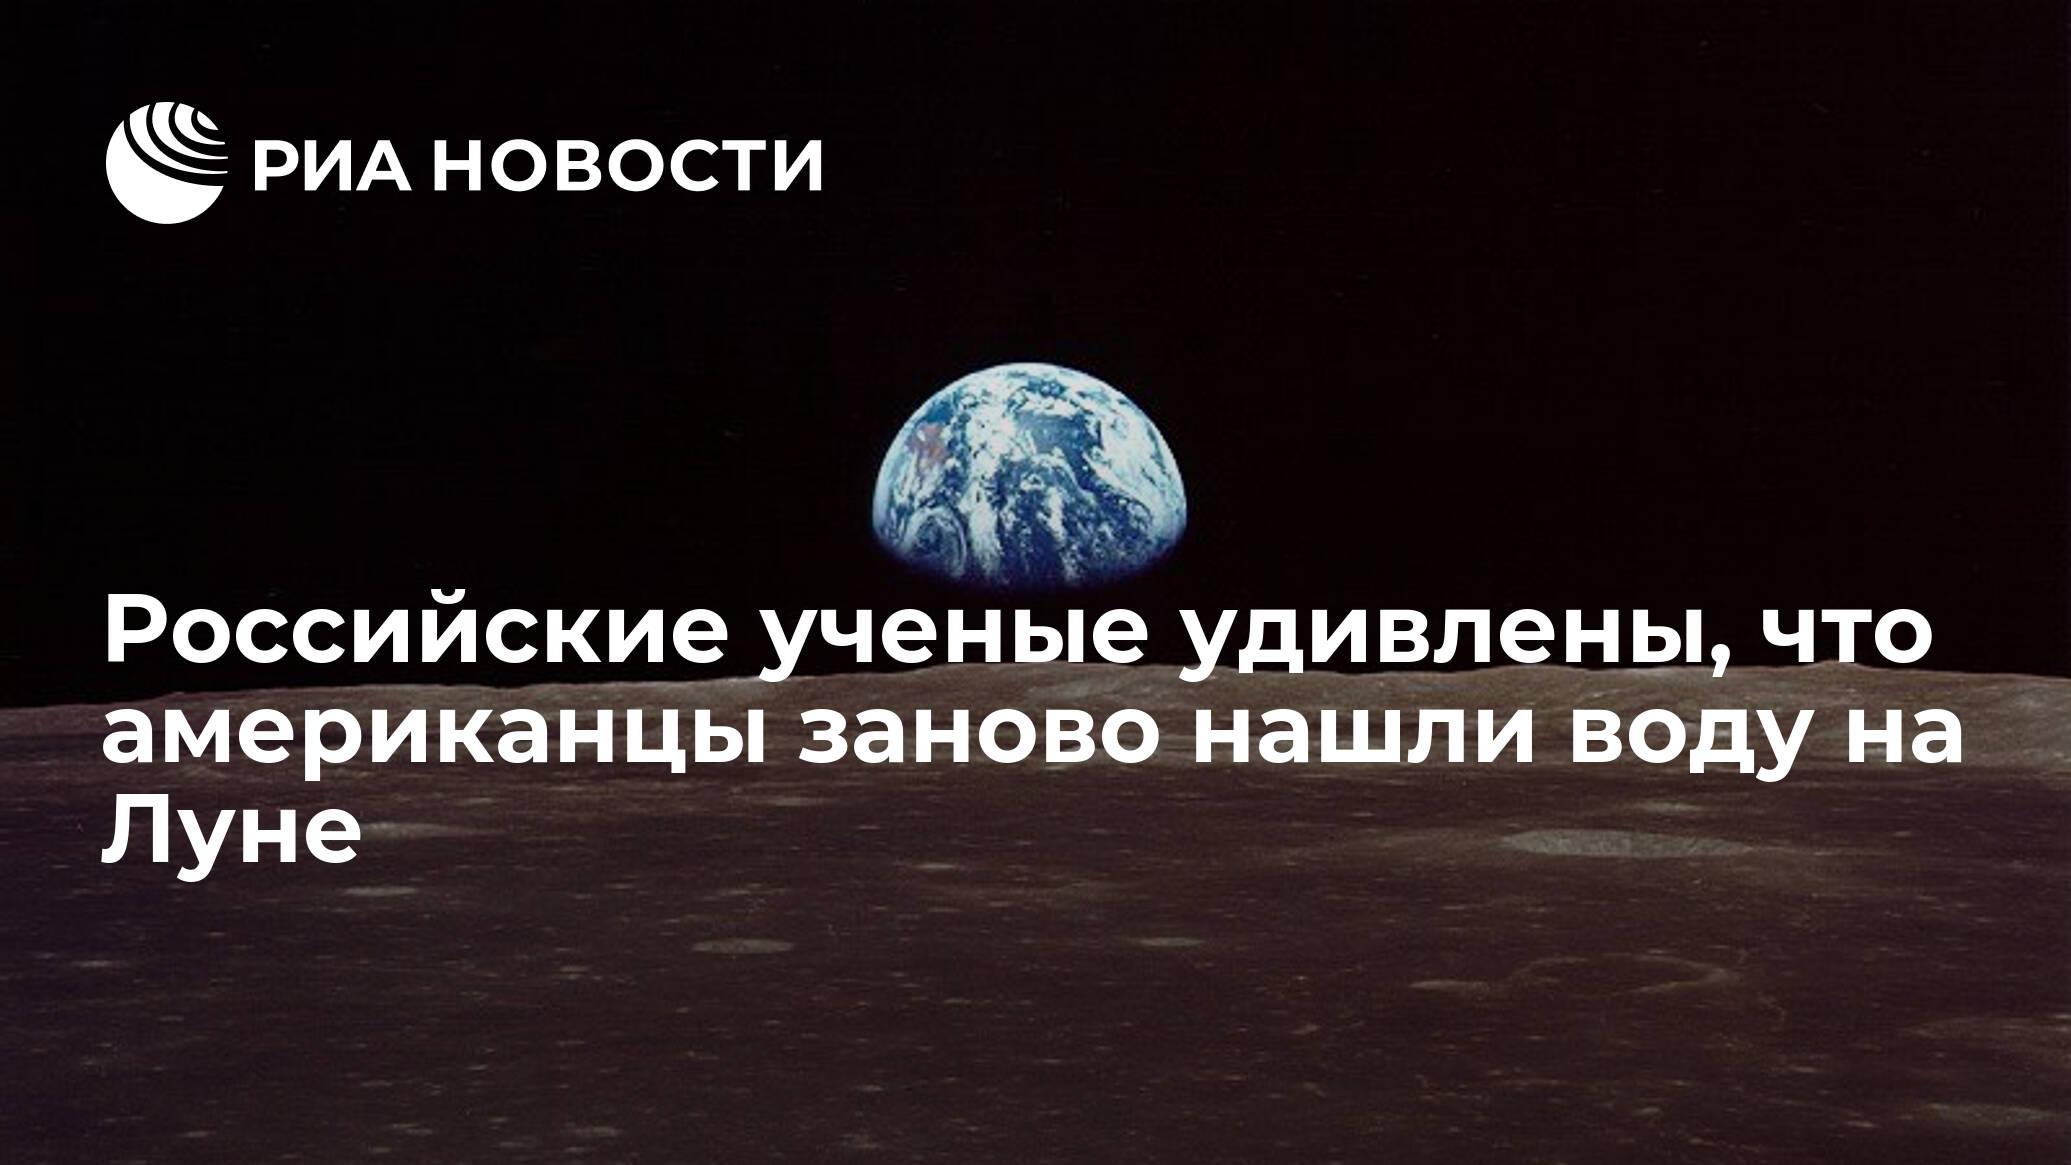 Российские ученые удивлены, что американцы заново нашли воду на Луне